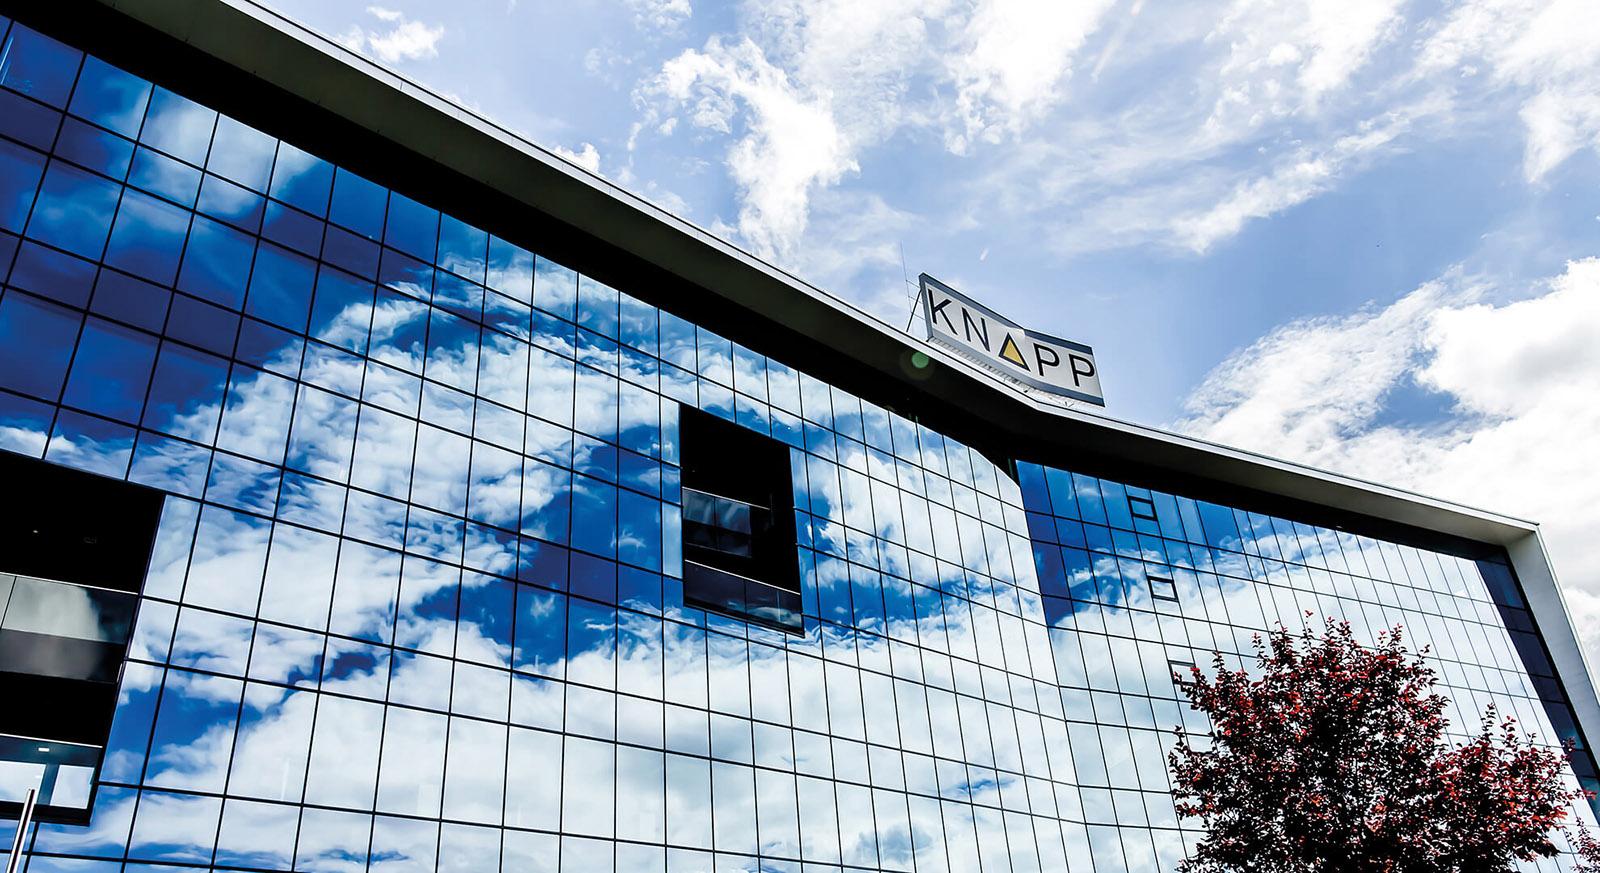 Headquarter in Hart bei Graz mit Glasfassade und dem Firmenschriftzug am Dach Firmengebäude mit Glasturm © KNAPP AG